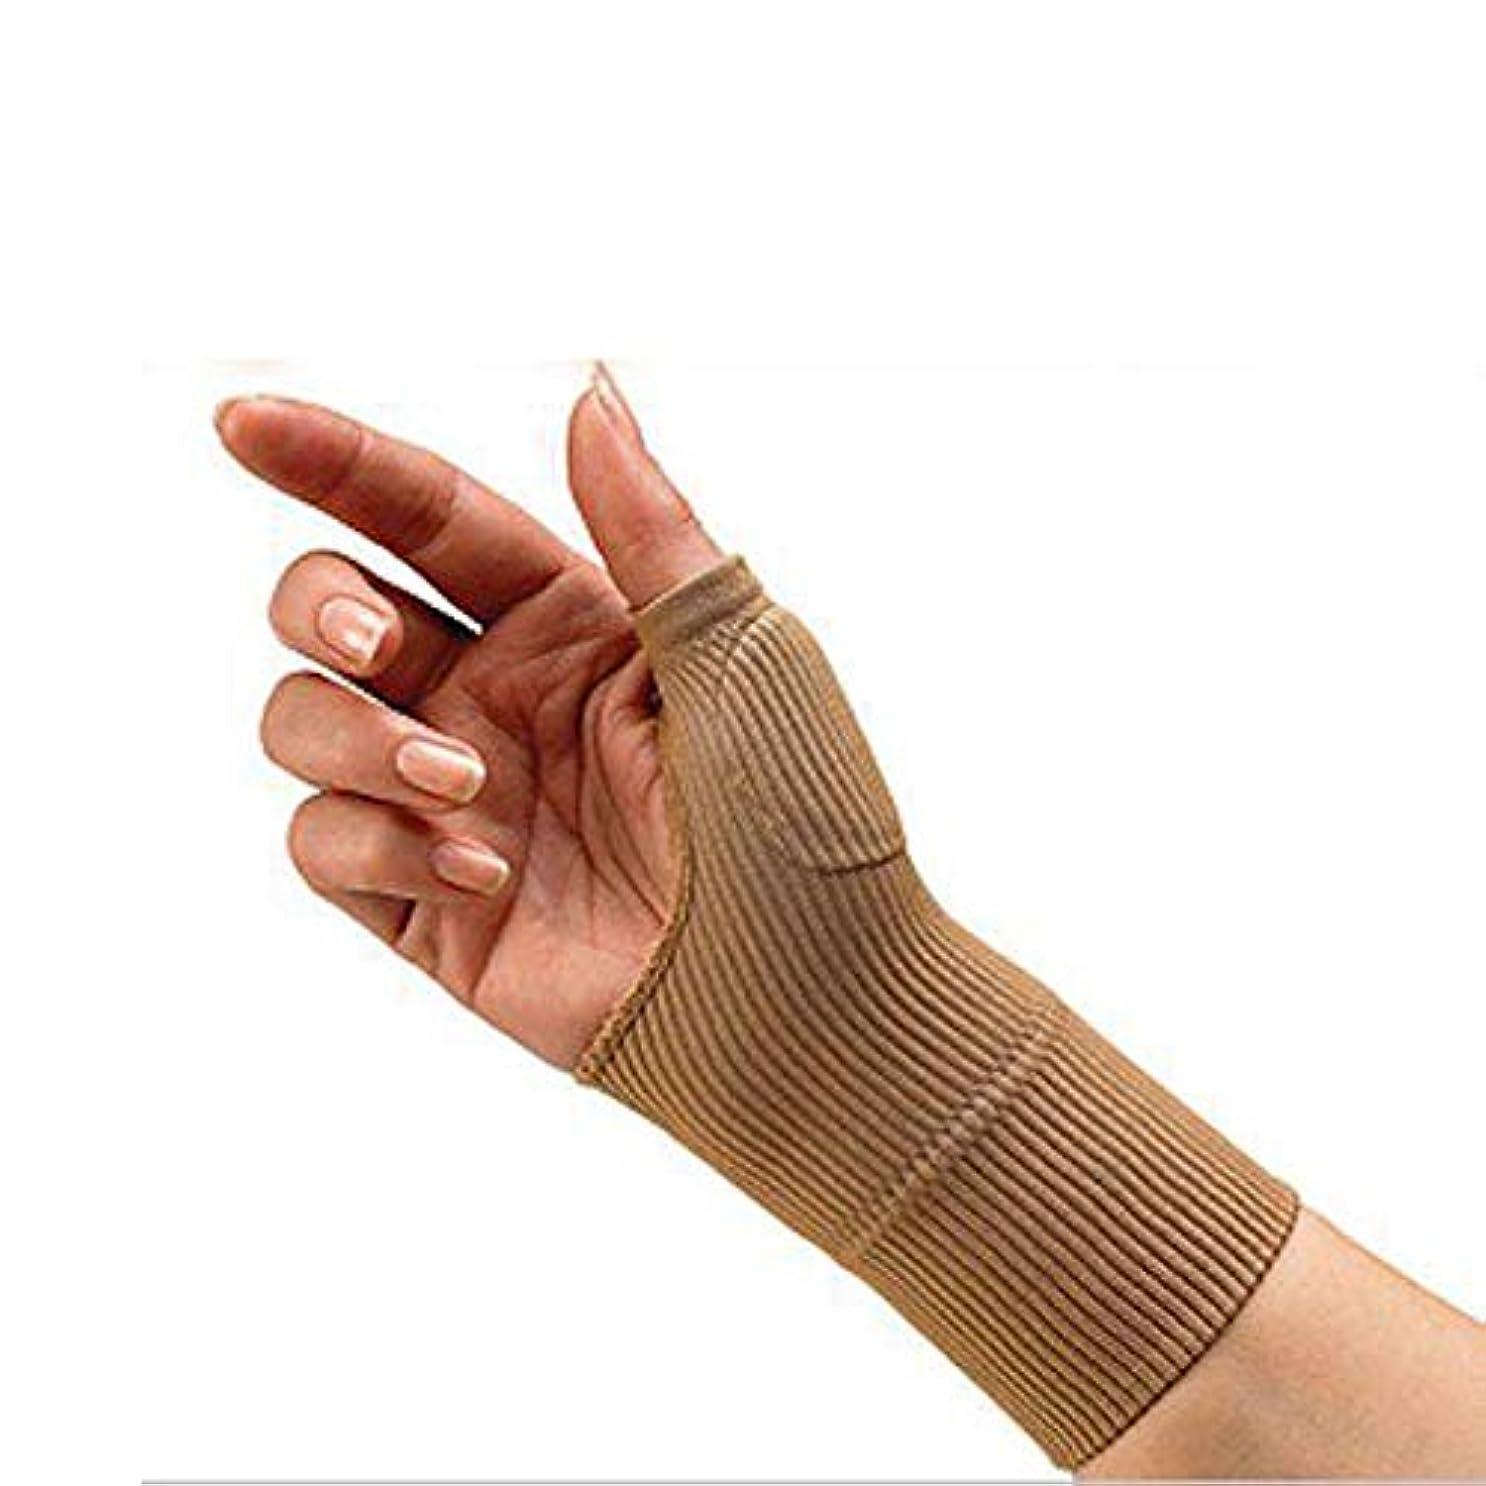 再開移植致命的男性の女性のためのソリッド手首ブレース手根管サポートハンドブレース手首のサポート包帯バンドベルトアウトドア手根管ハンドブレース